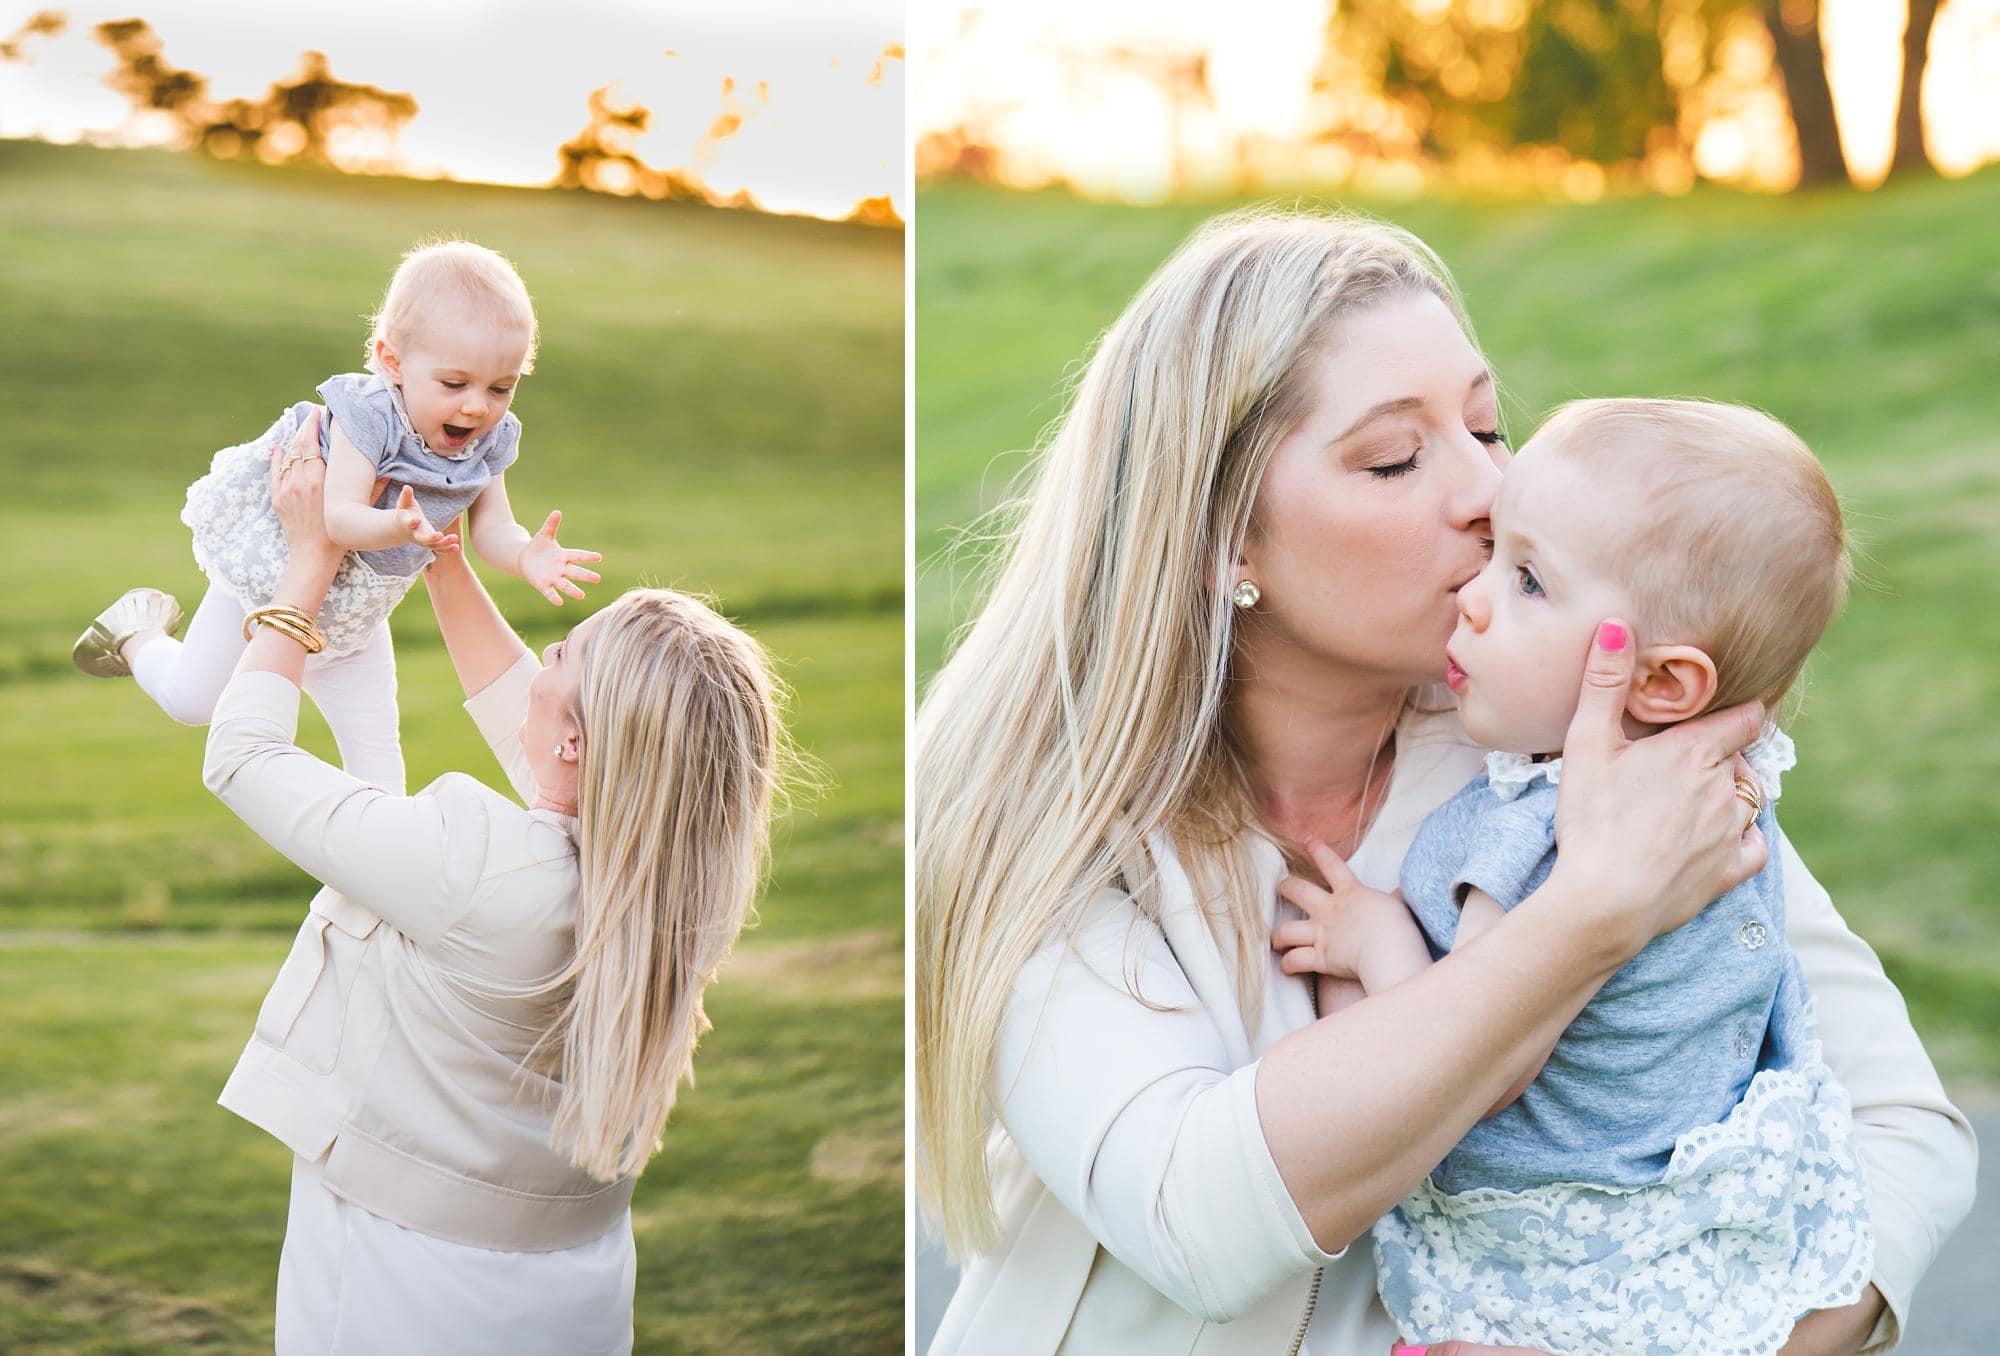 Mom holding up toddler girl outside